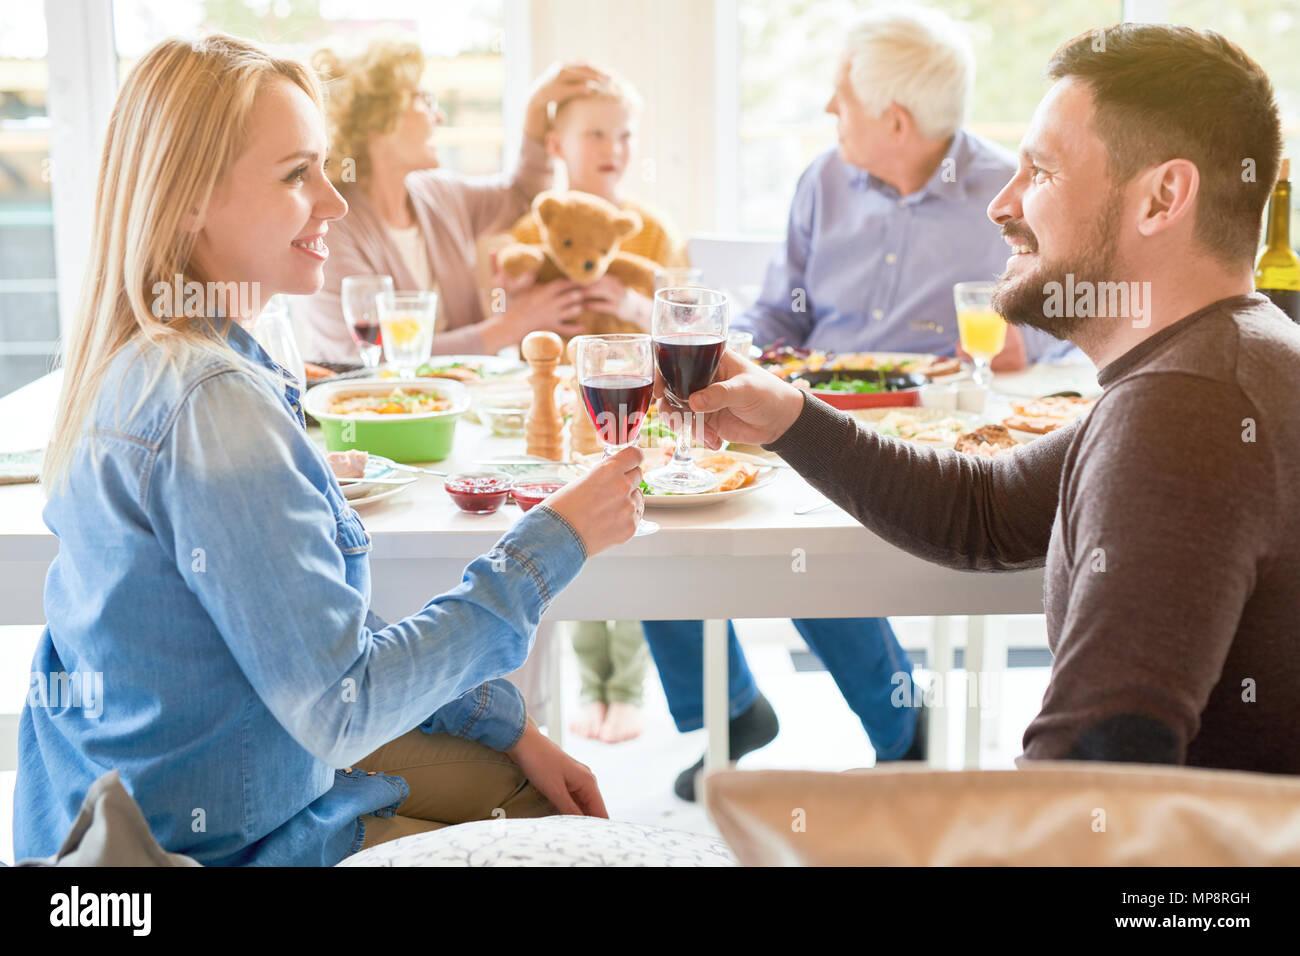 Glückliches Paar am Abendessen mit der Familie Stockbild